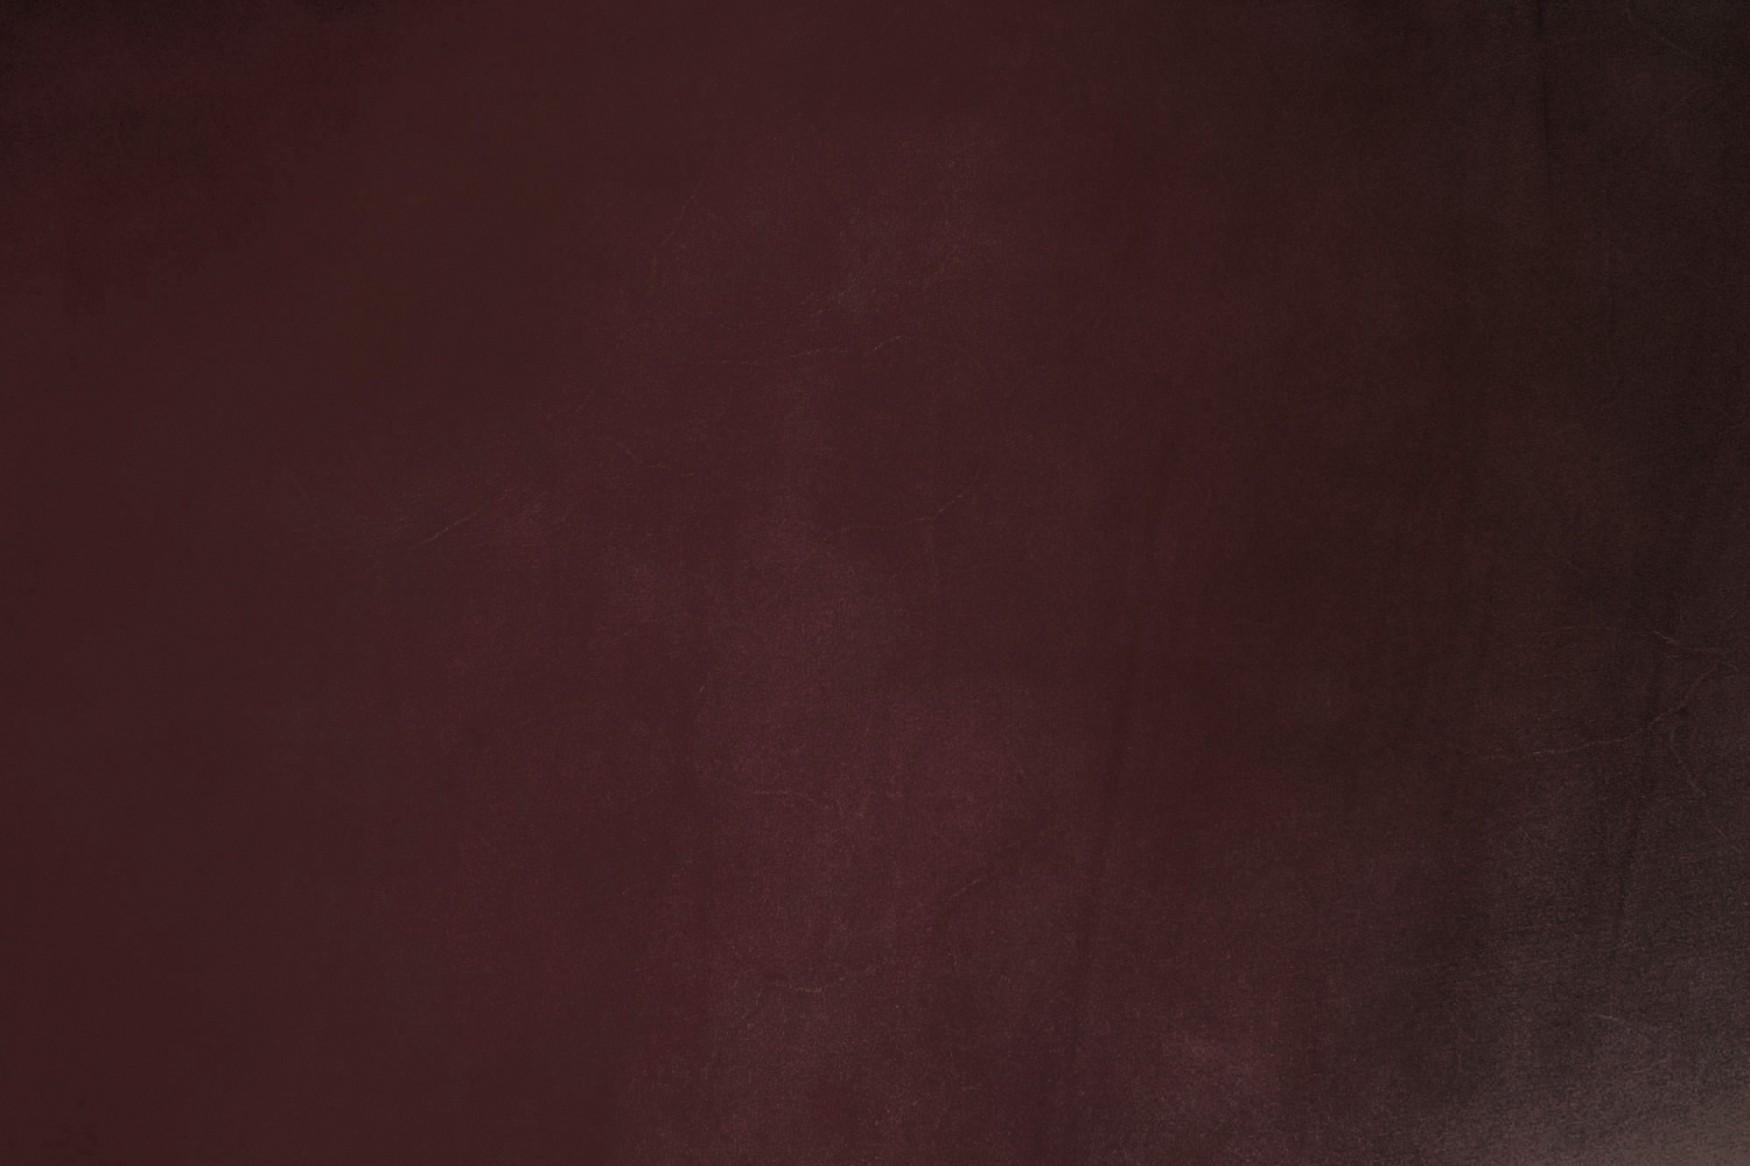 Element7_Leather_Floor_Burgendy_1